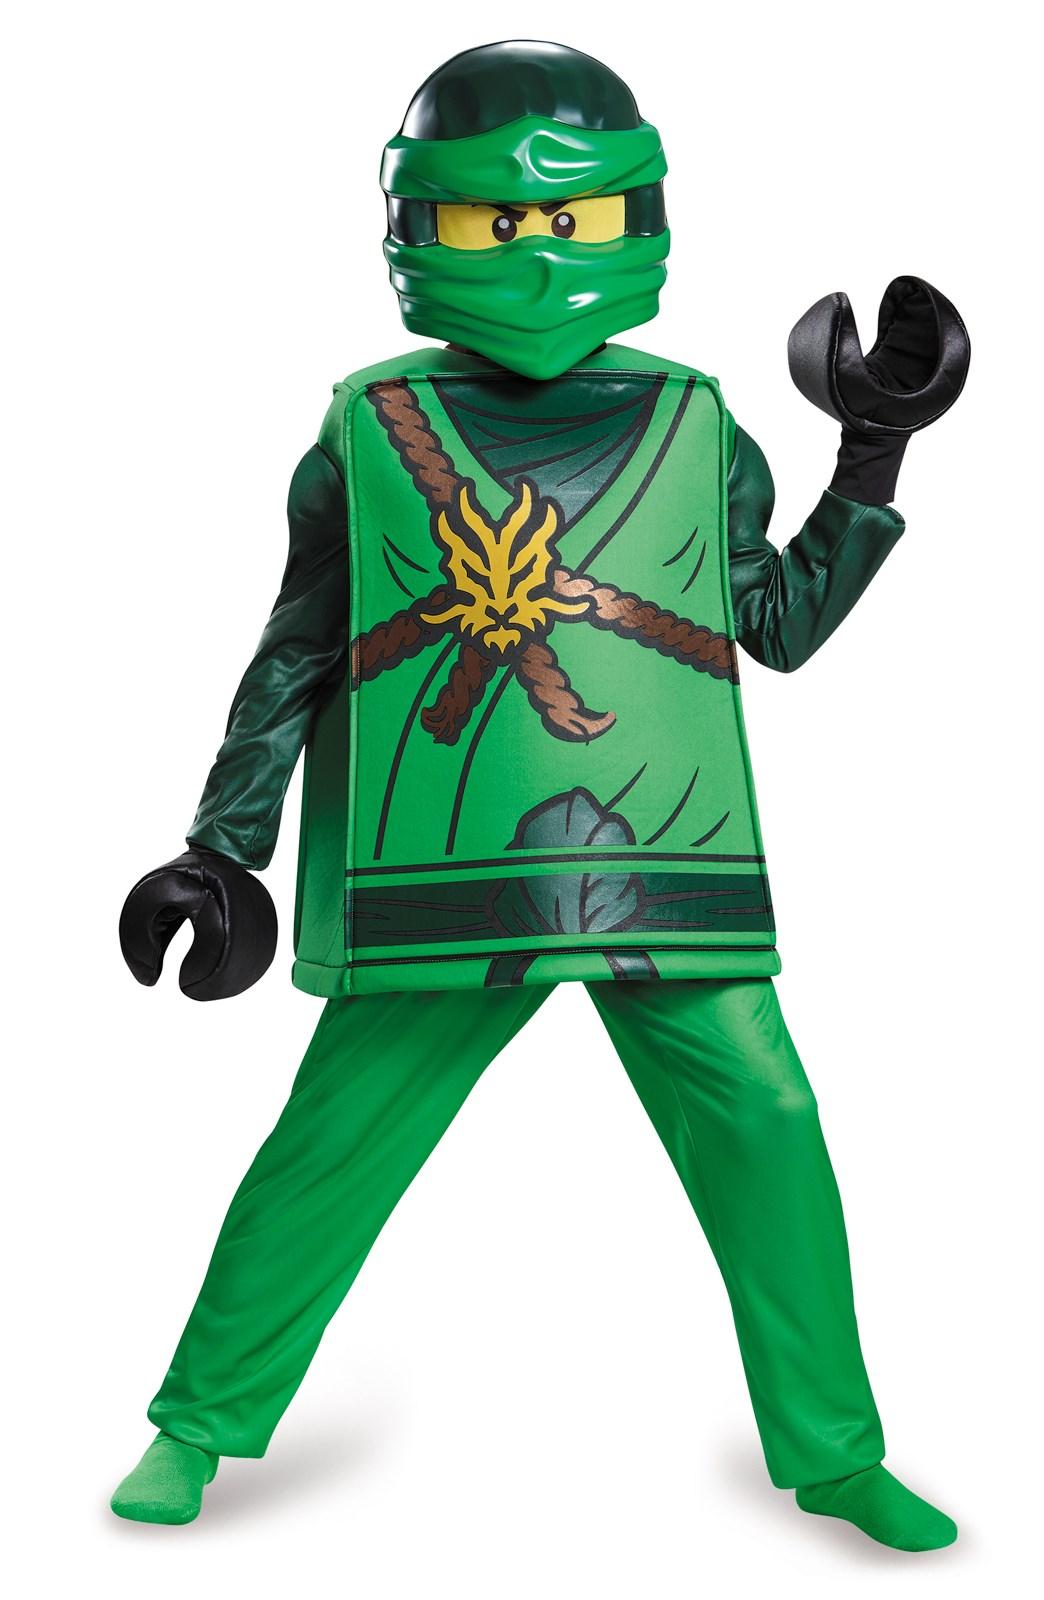 Lego Ninjago Lloyd Deluxe Child Costume | BuyCostumes.com